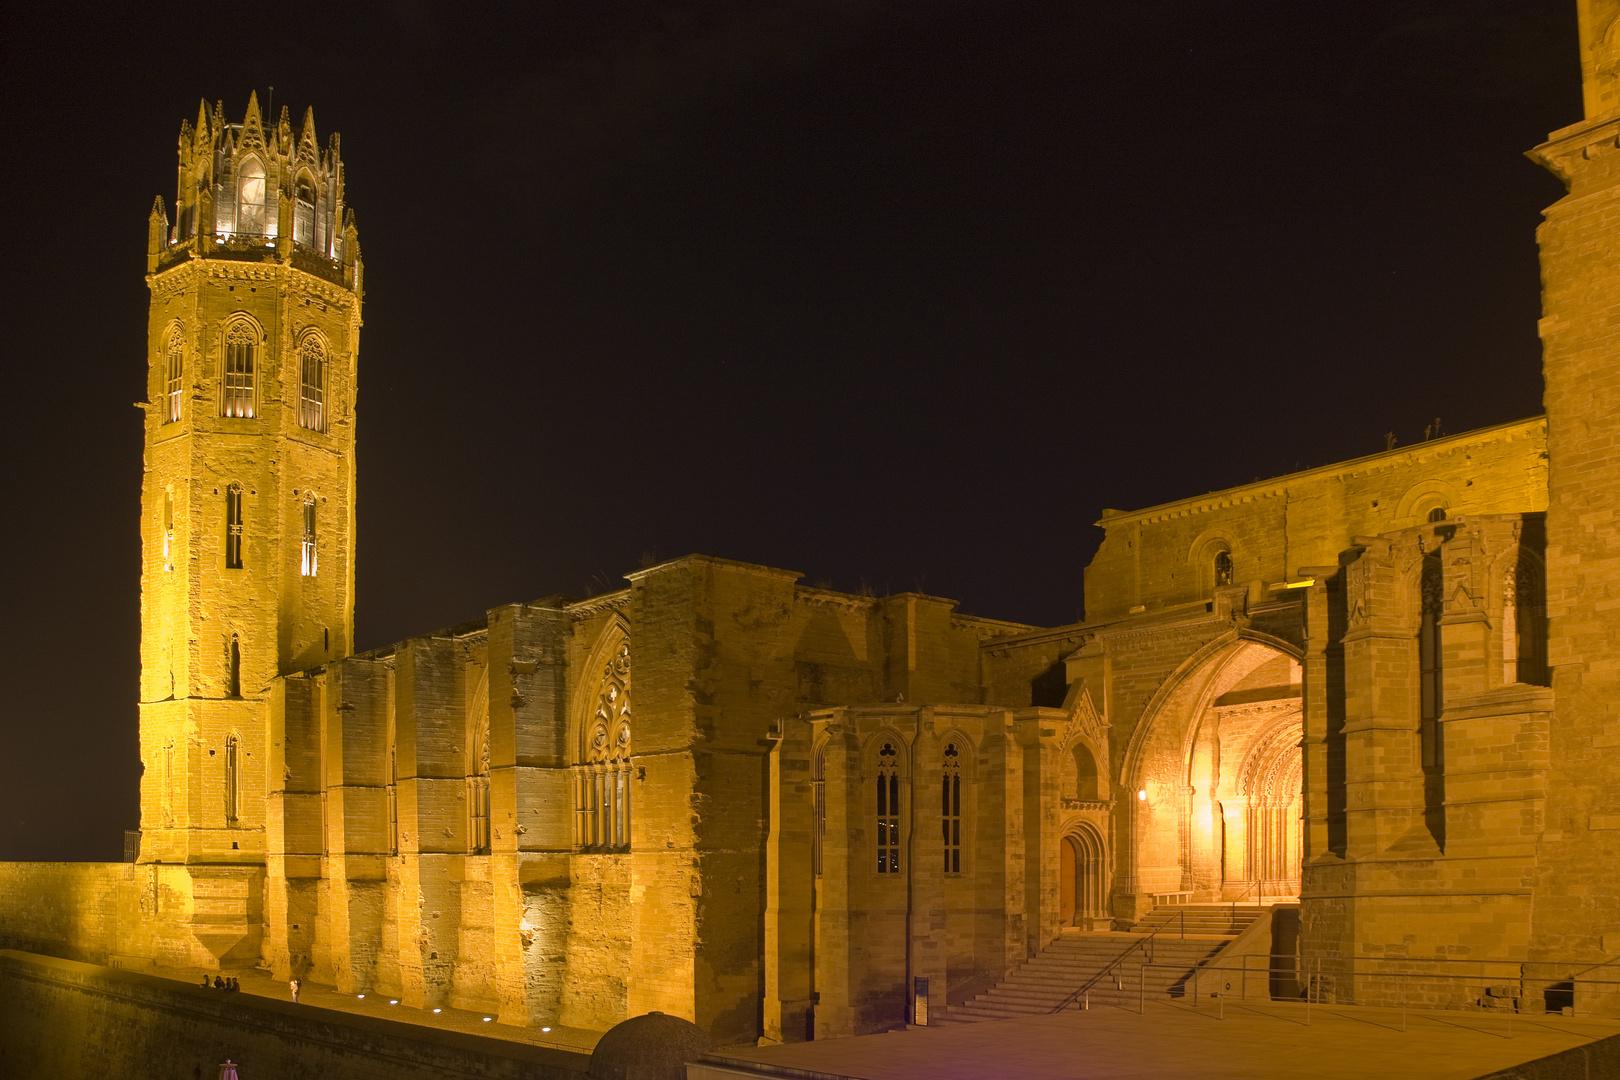 Seu Vella de Lleida nocturno 2